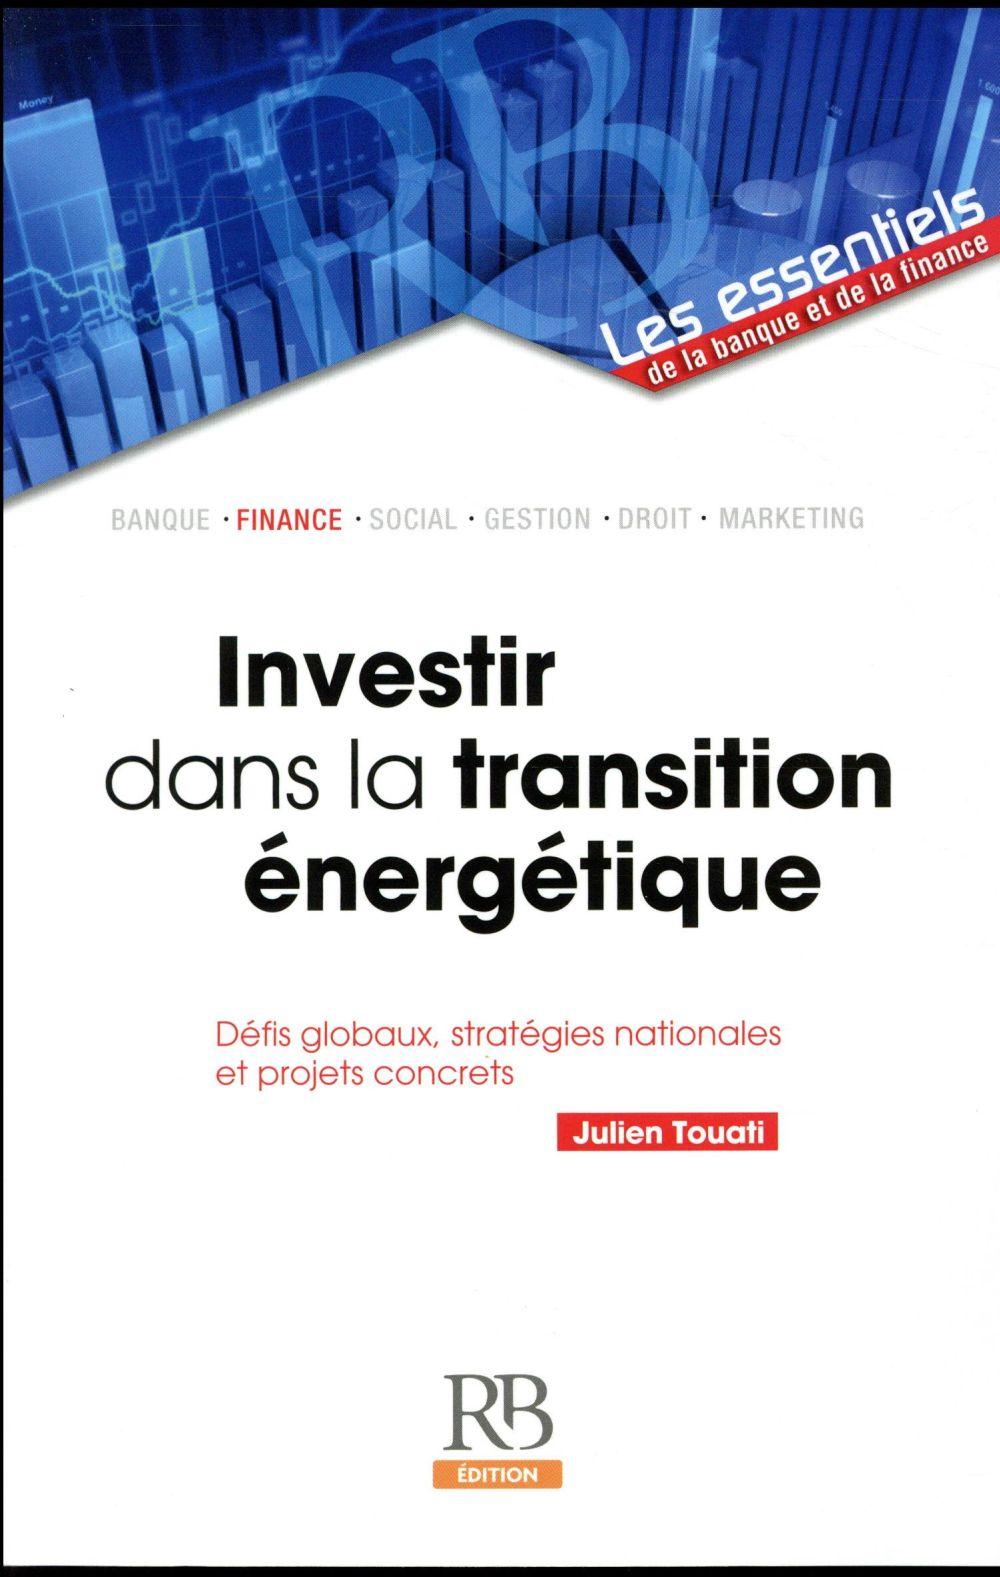 INVESTIR DANS LA TRANSITION ENERGETIQUE